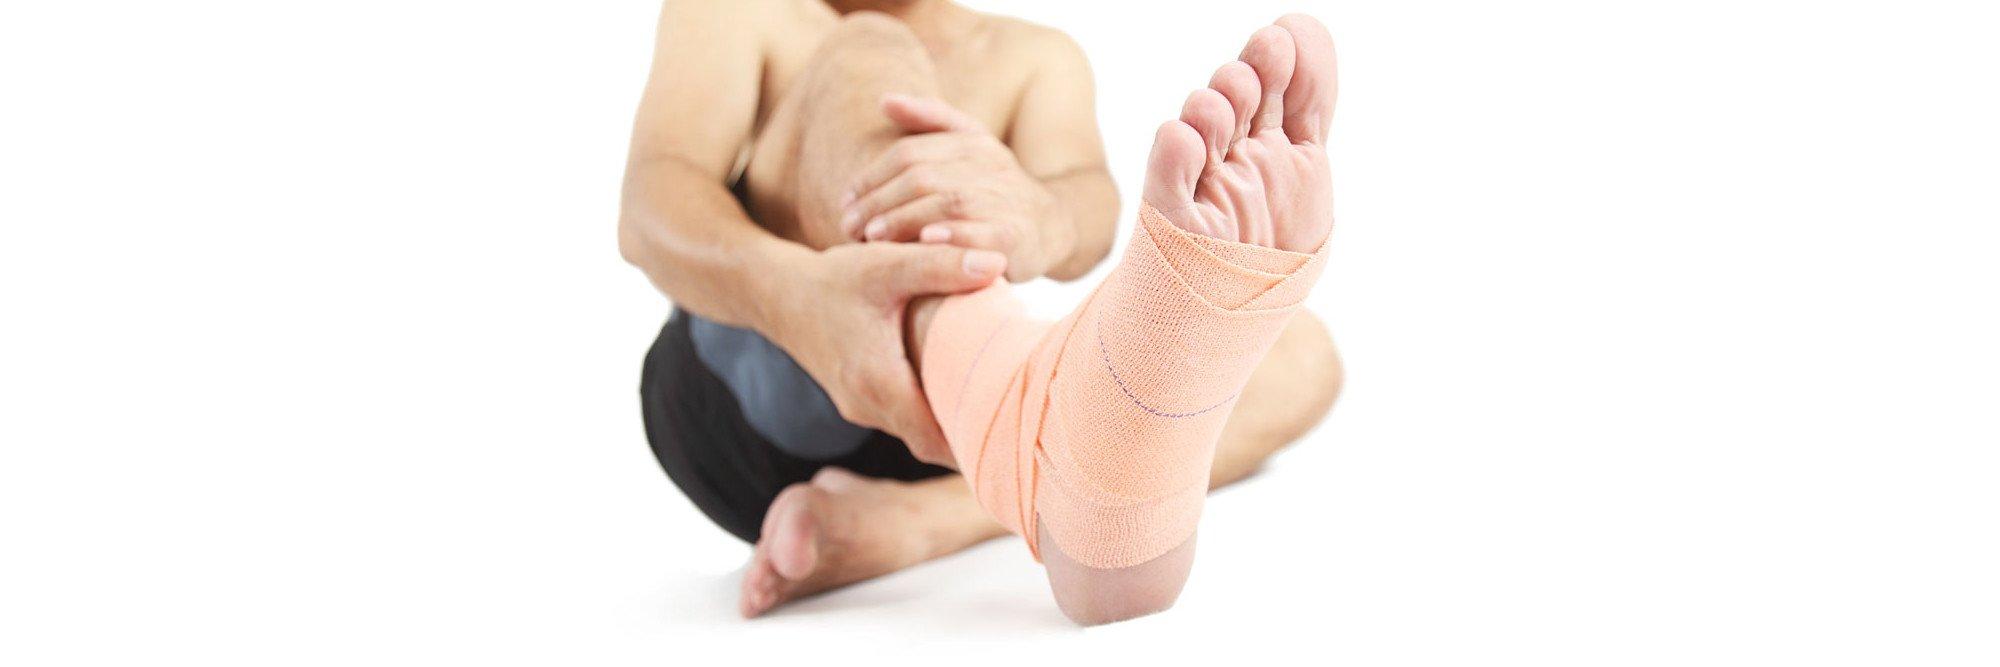 Διάγνωση κάκωσης στο πόδι